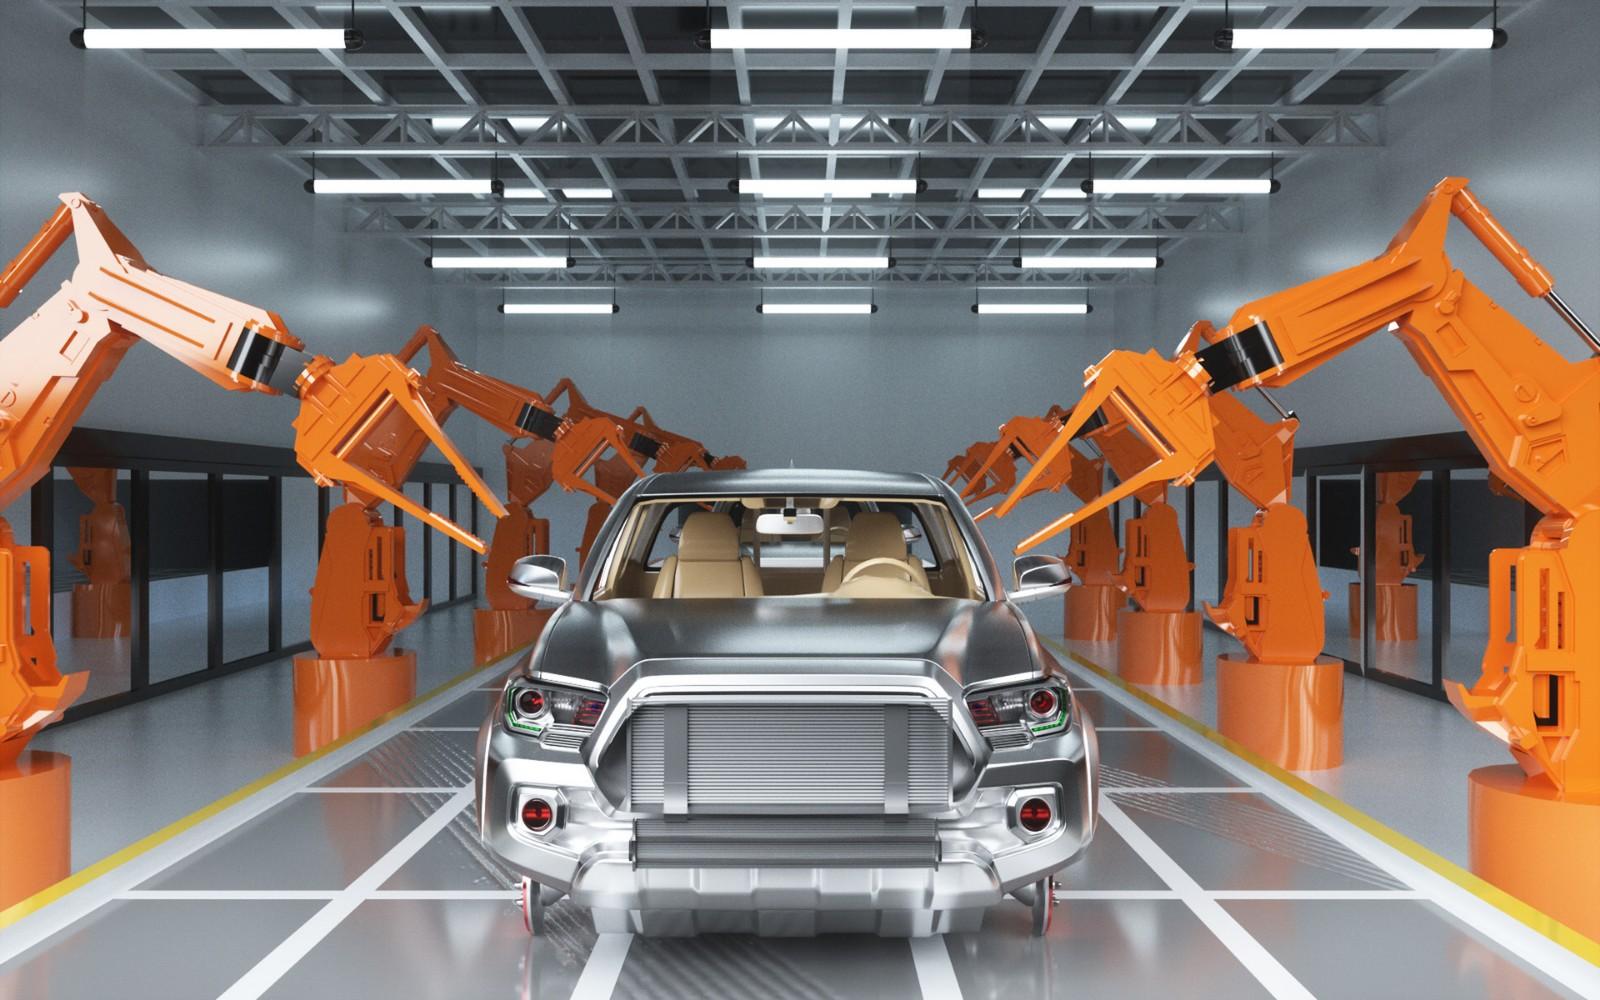 智能制造见证一辆车的诞生,告别过去简单粗放式的生产